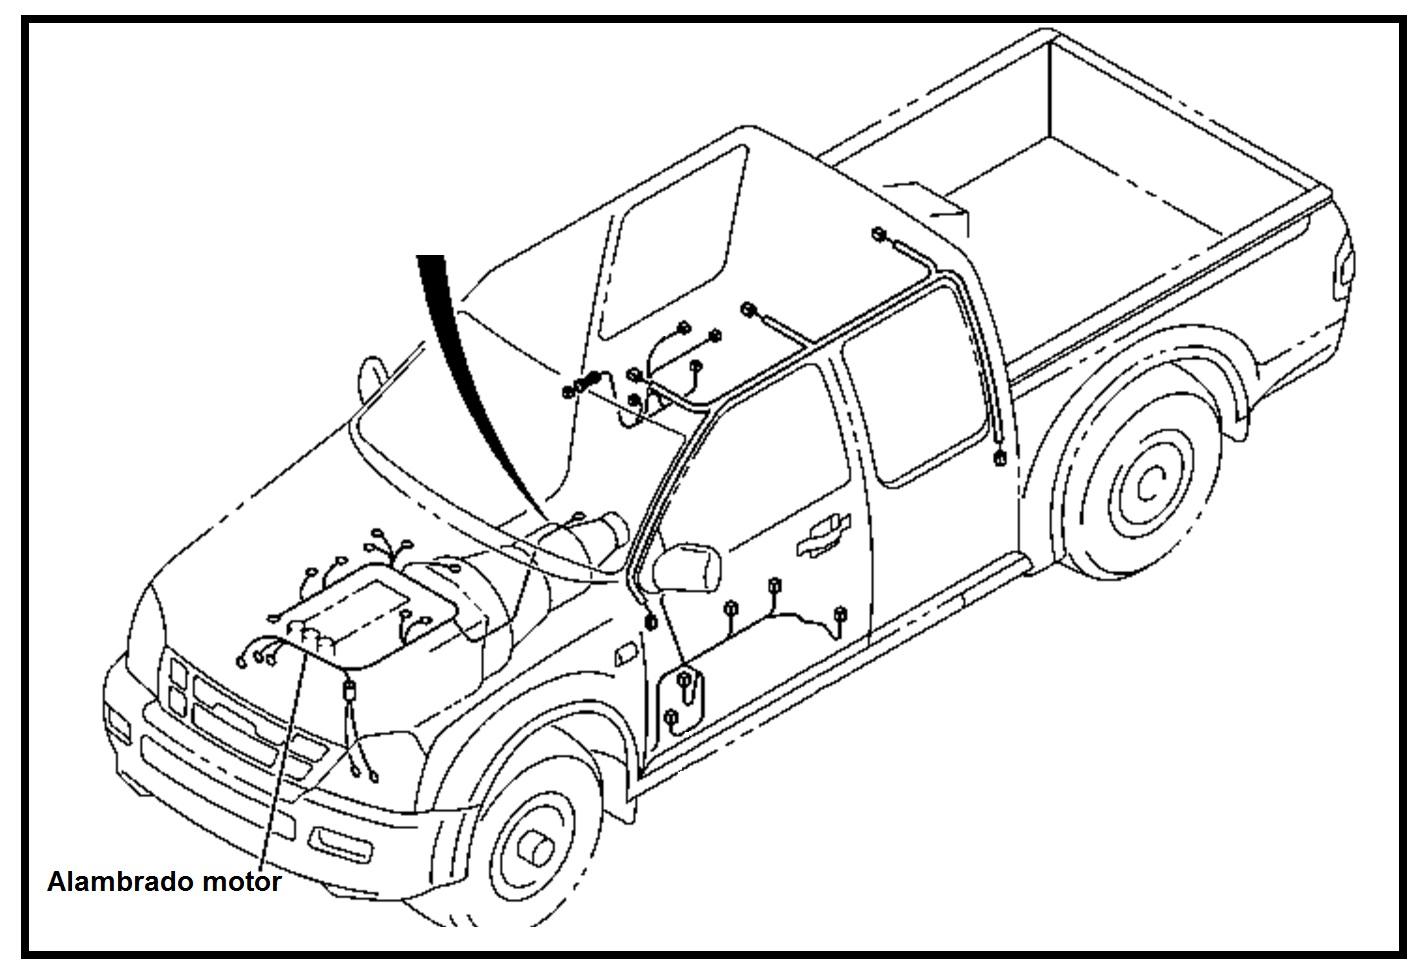 Alambrado Cableado Instalacion Motor Chevrolet Luv Dmax